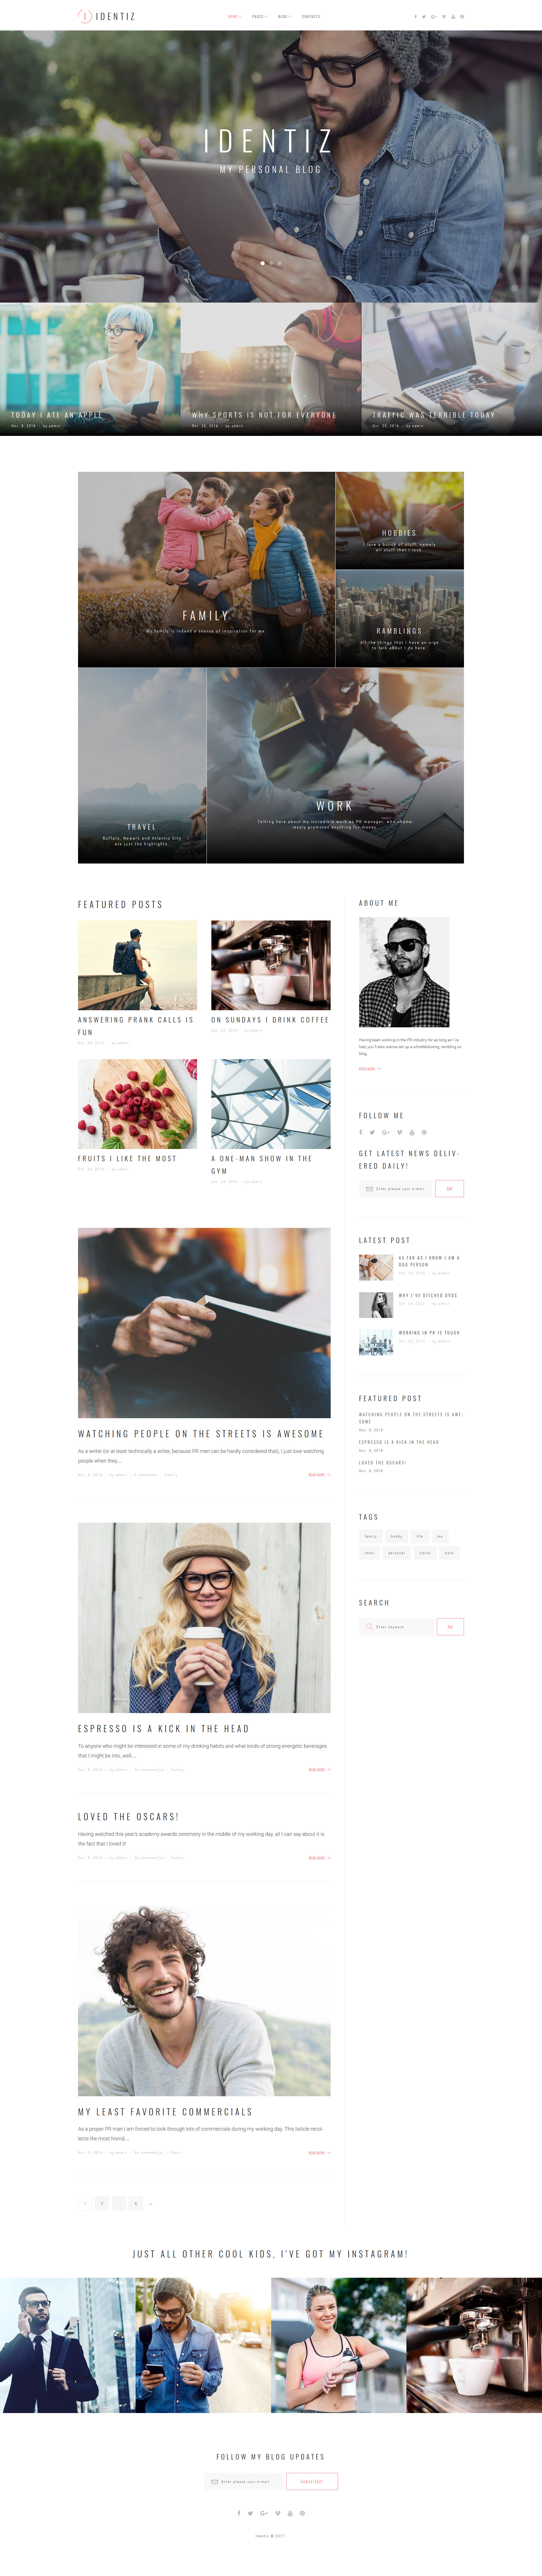 """""""Identiz - Personal Blog"""" - адаптивний WordPress шаблон №63592 - скріншот"""